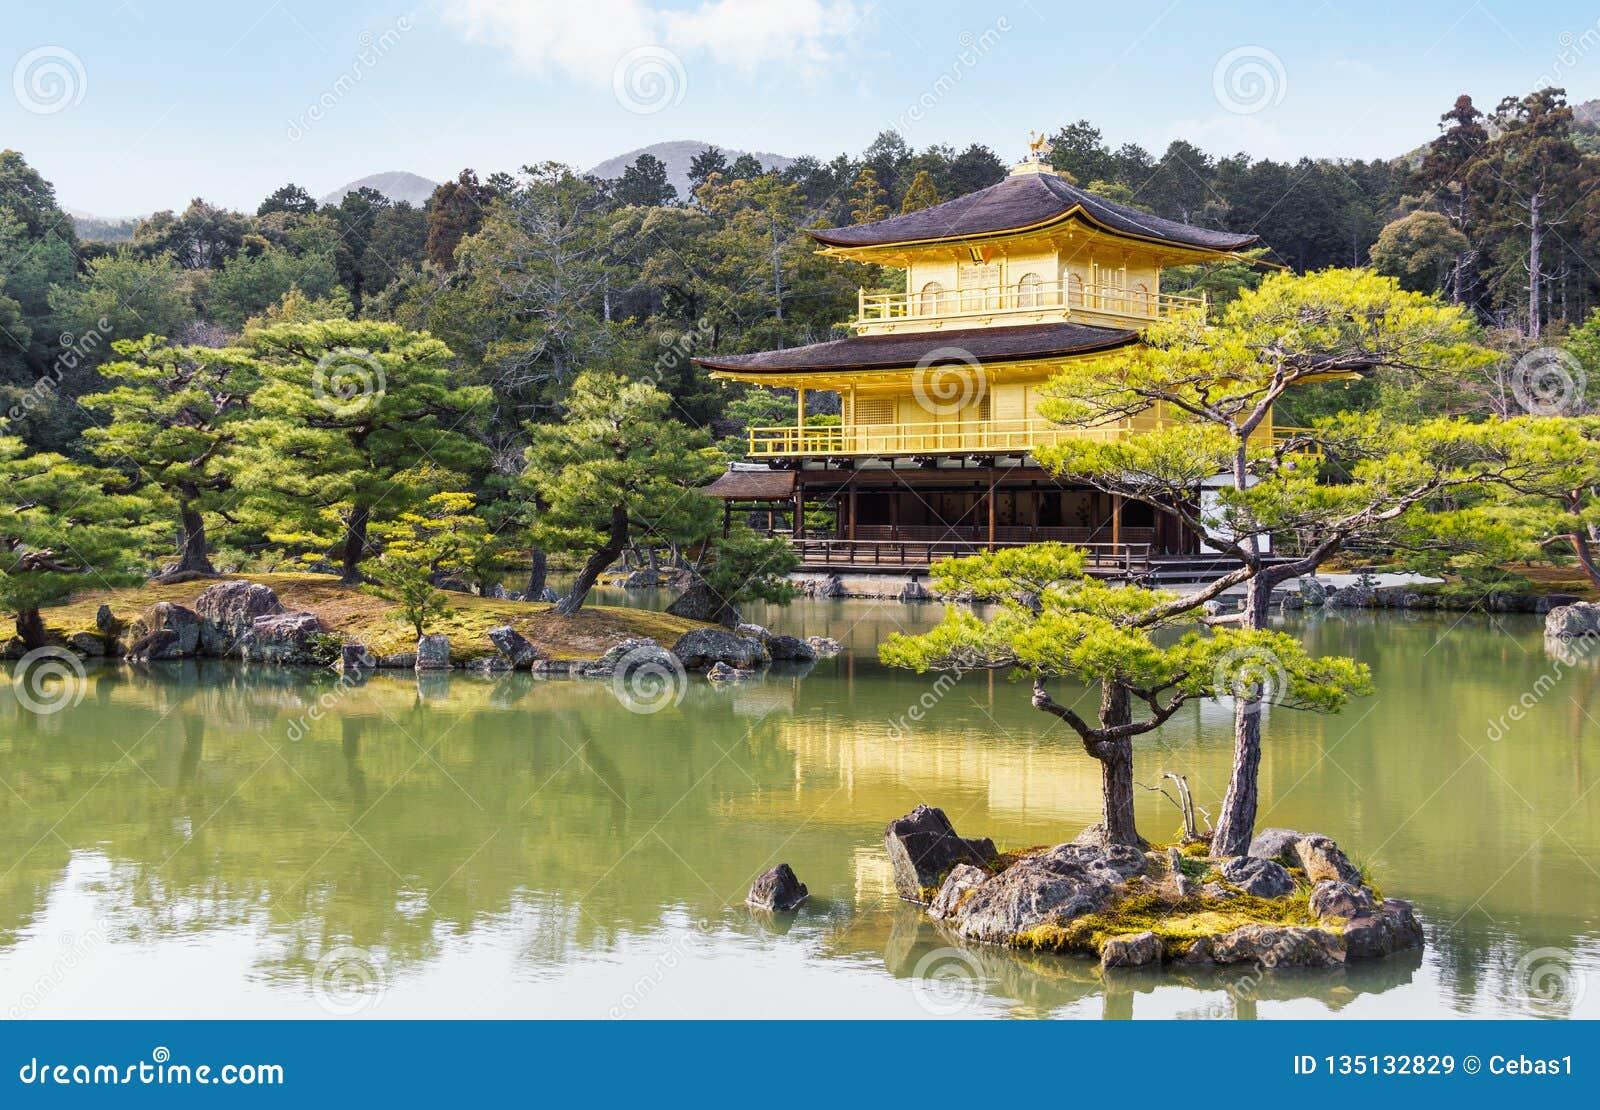 Schilderachtig landschap van beroemde Gouden Paviljoentempel in Kyoto Japan